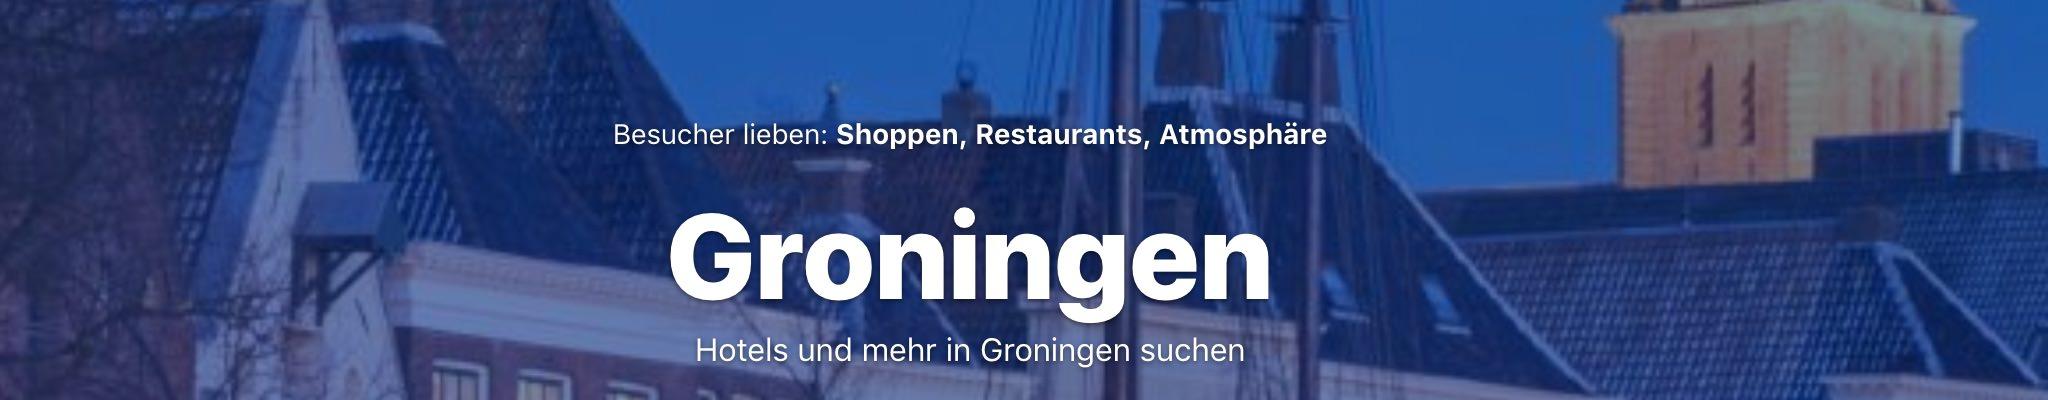 Übernachten in Groningen - Bookings.com - Hotels - Suche